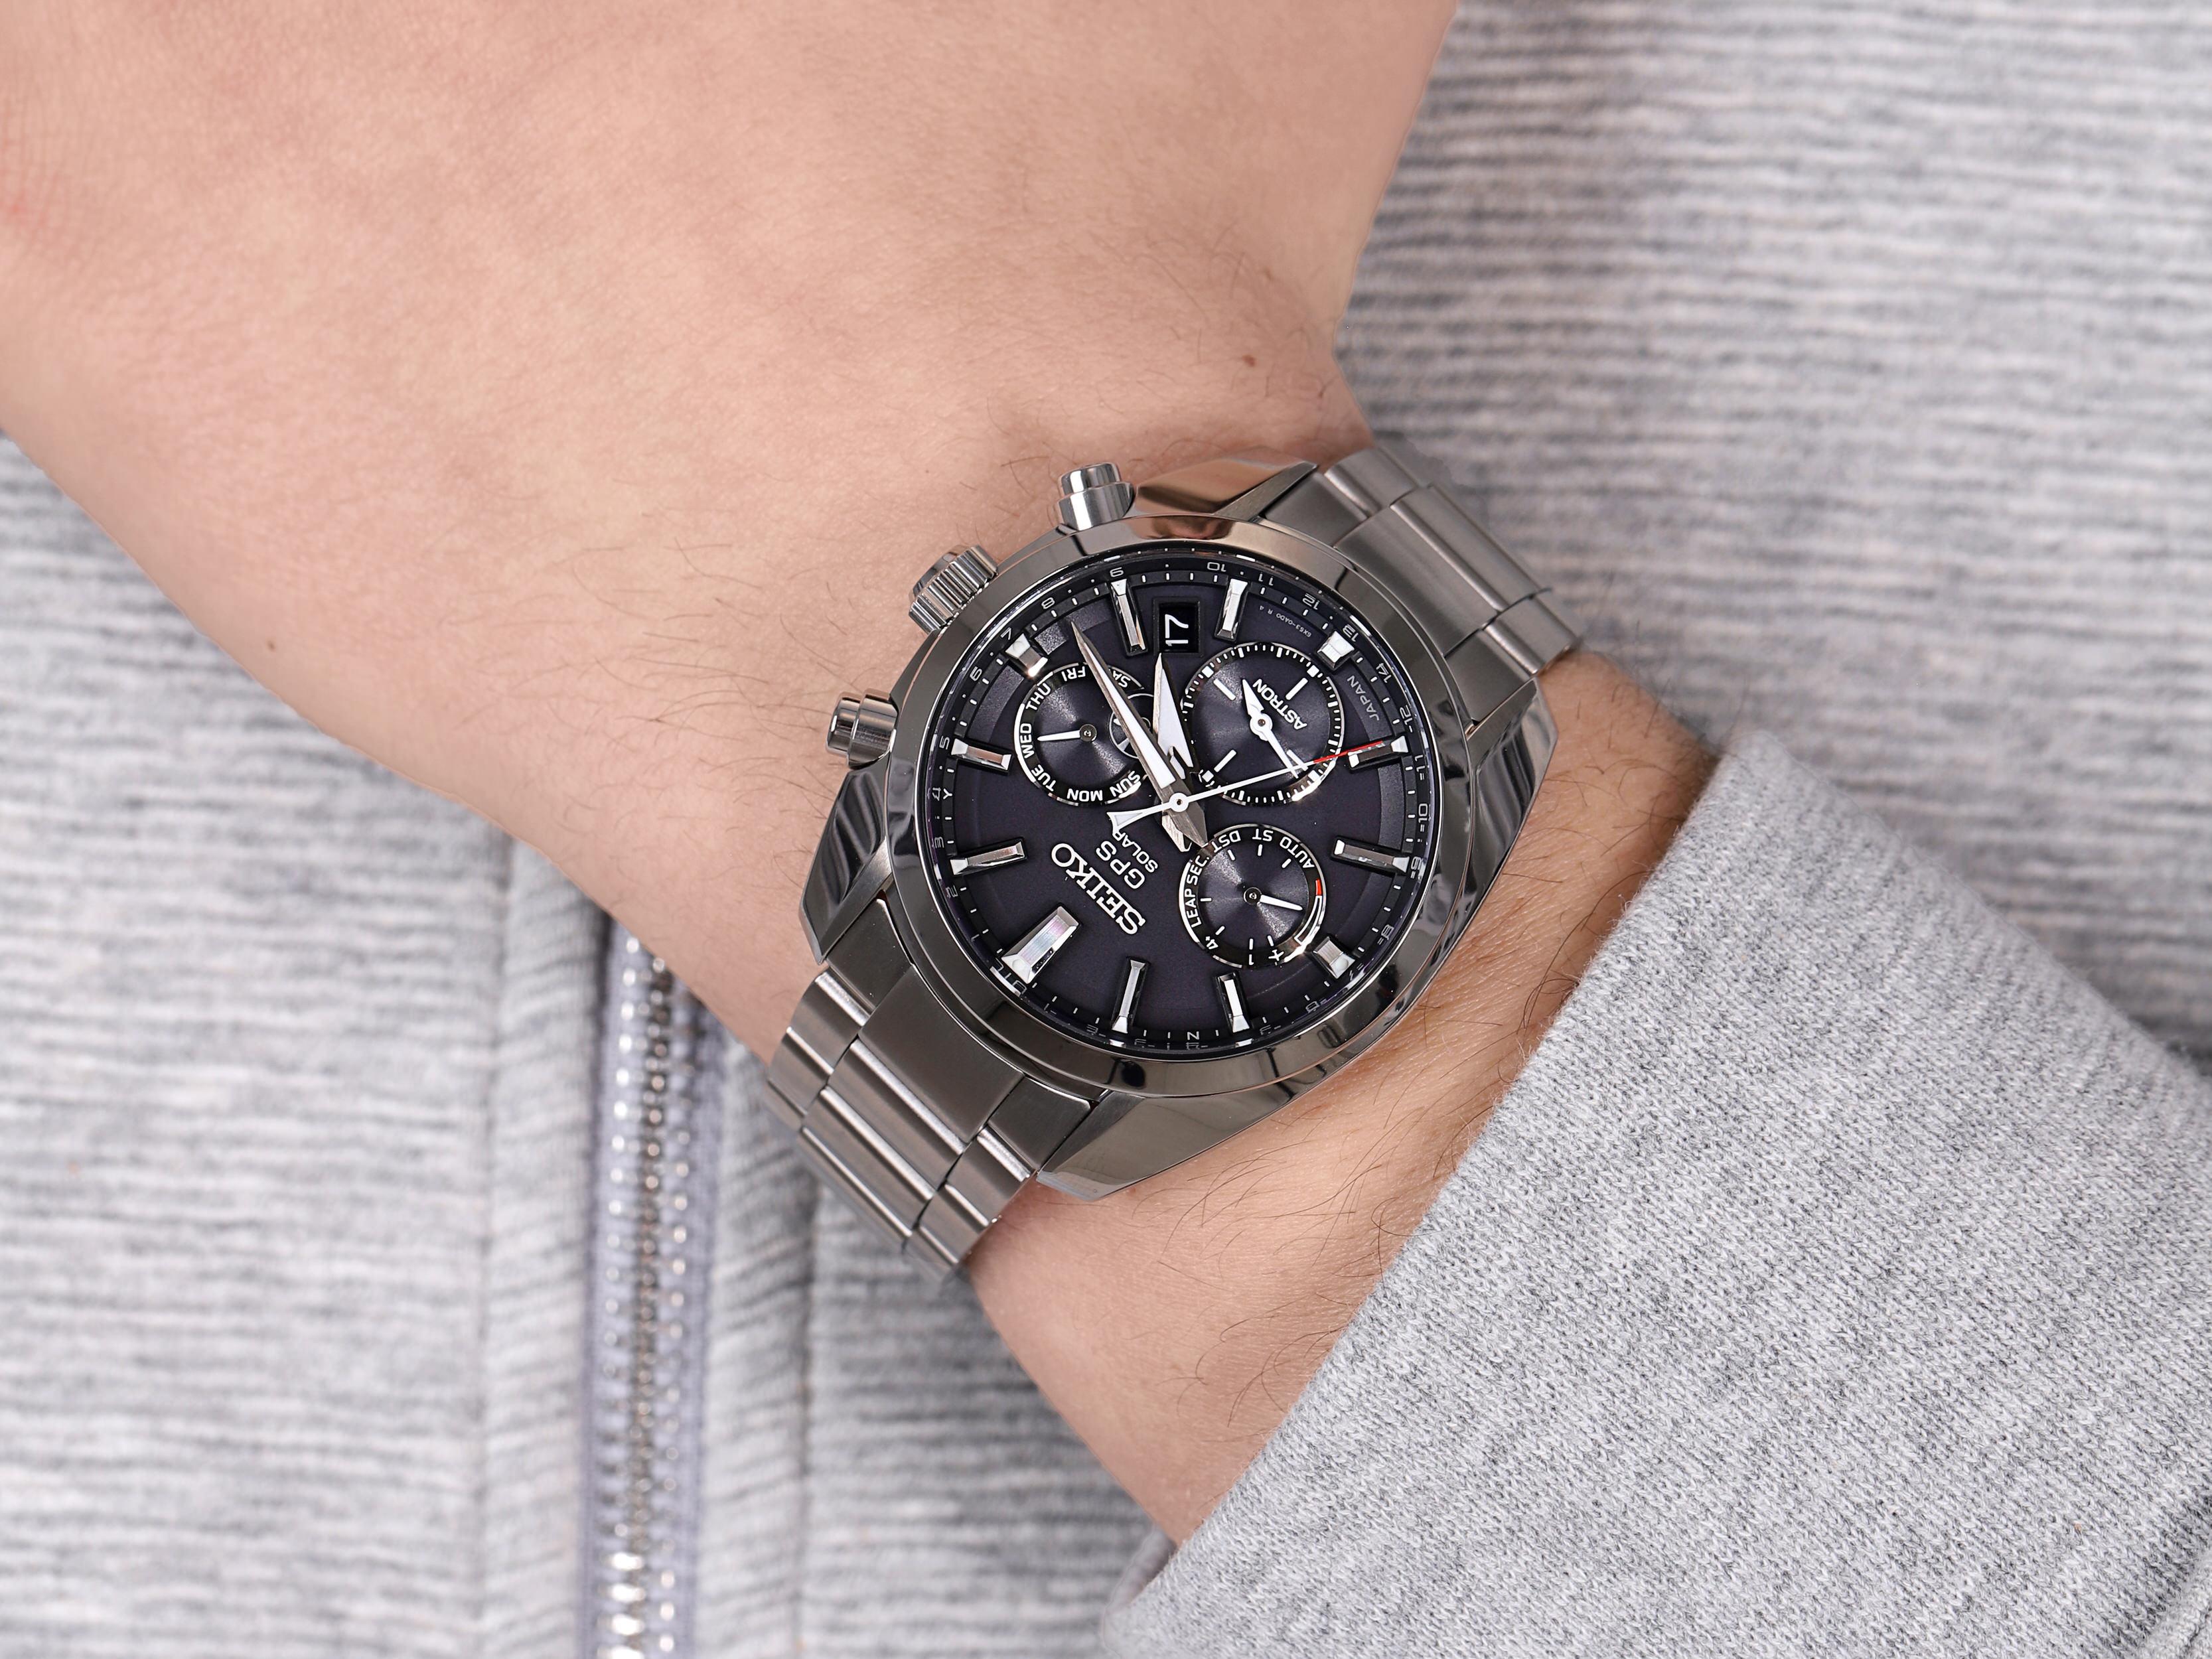 zegarek Seiko SSH021J1 Astron GPS Solar Dual Tim męski z gps Astron